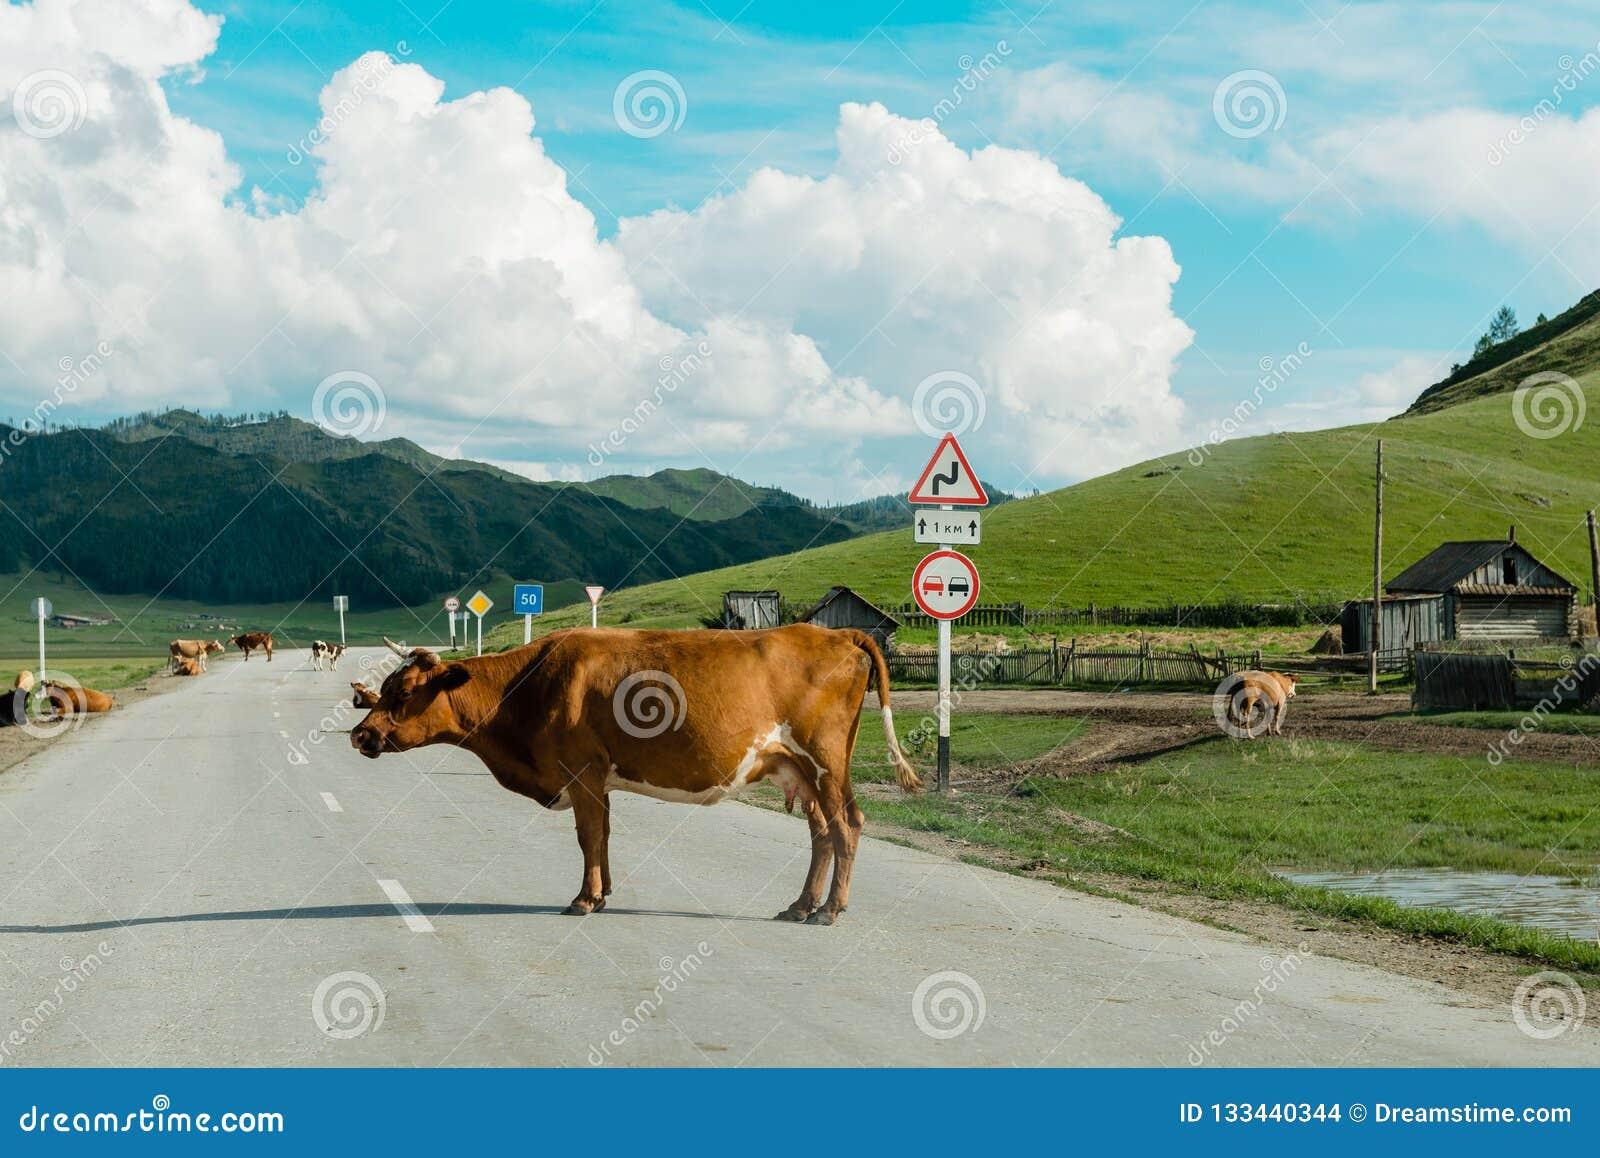 Vacas en el camino en un día soleado